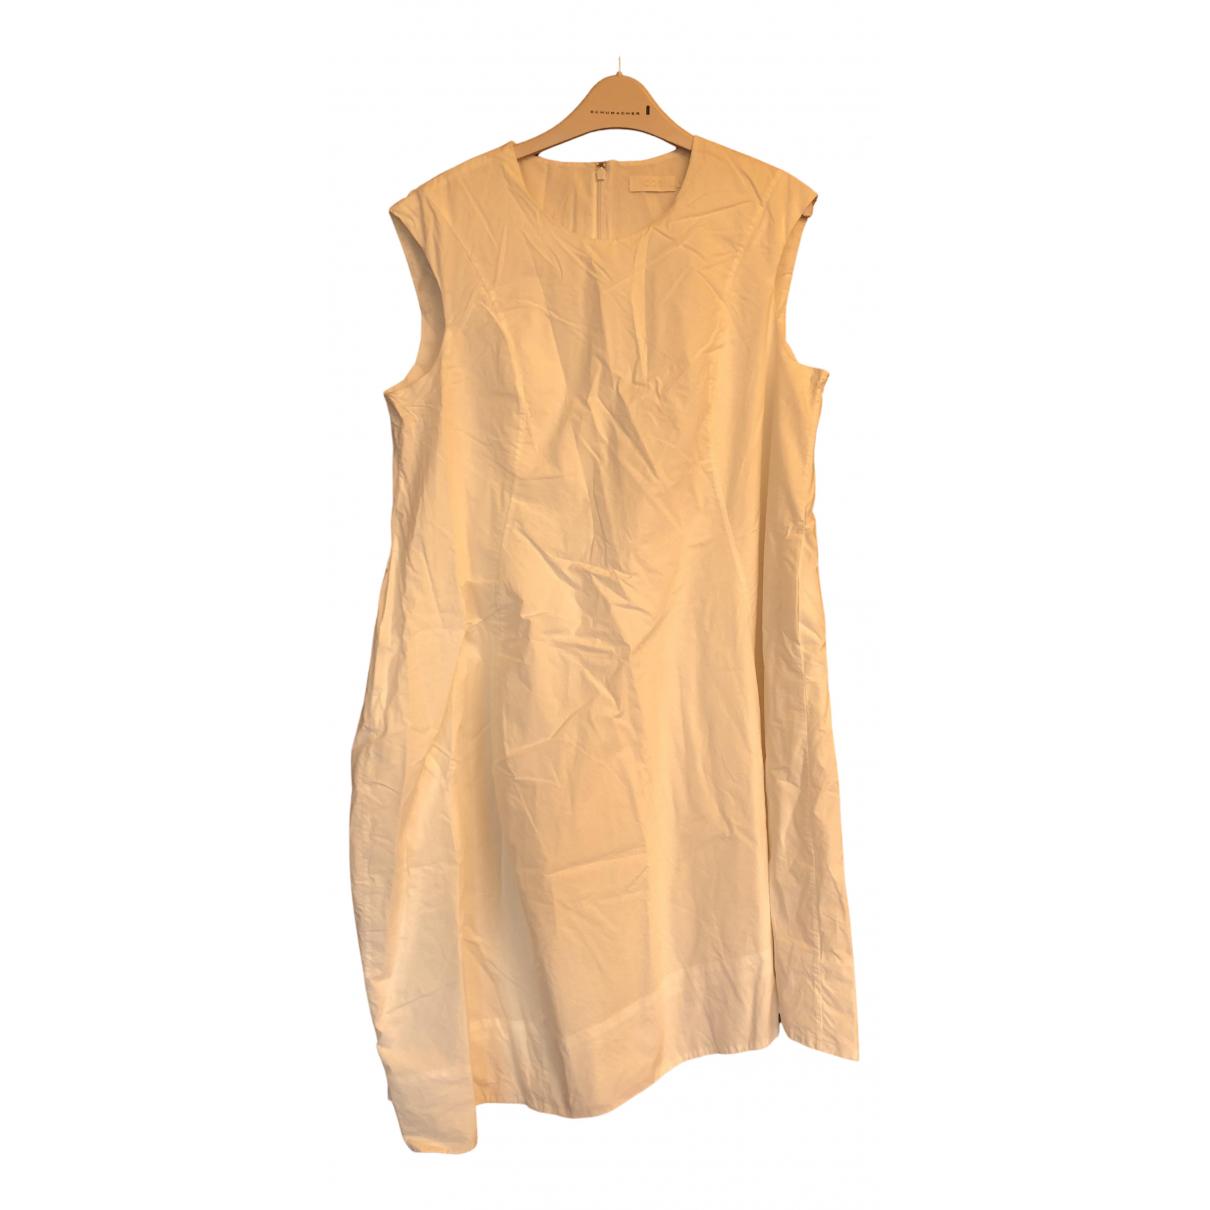 Cos \N Kleid in  Ecru Baumwolle